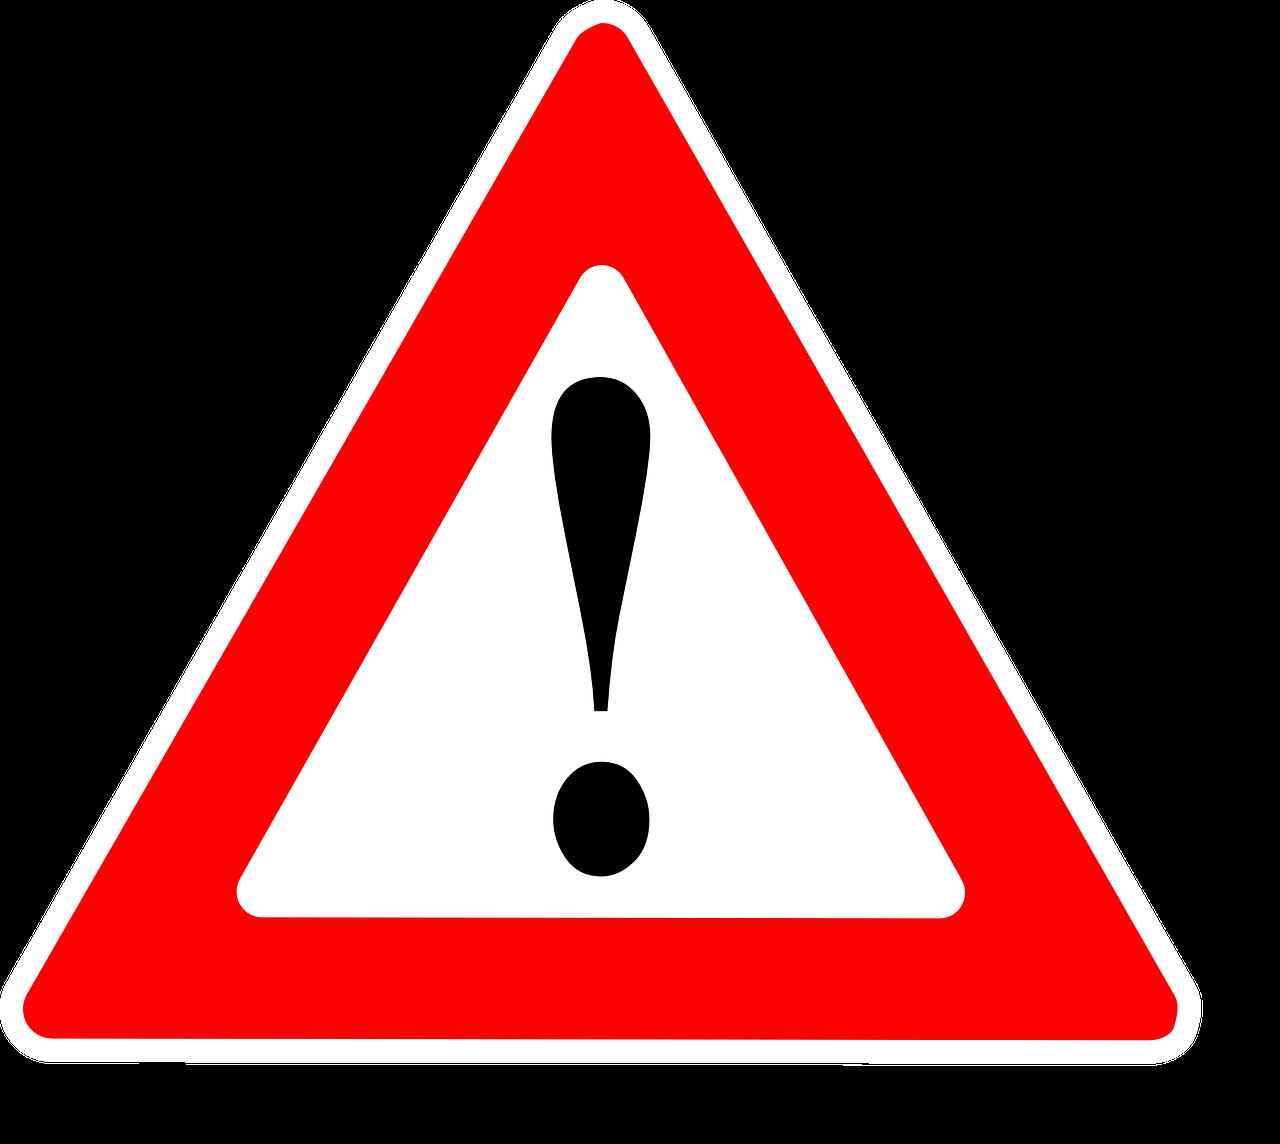 A warning sign.